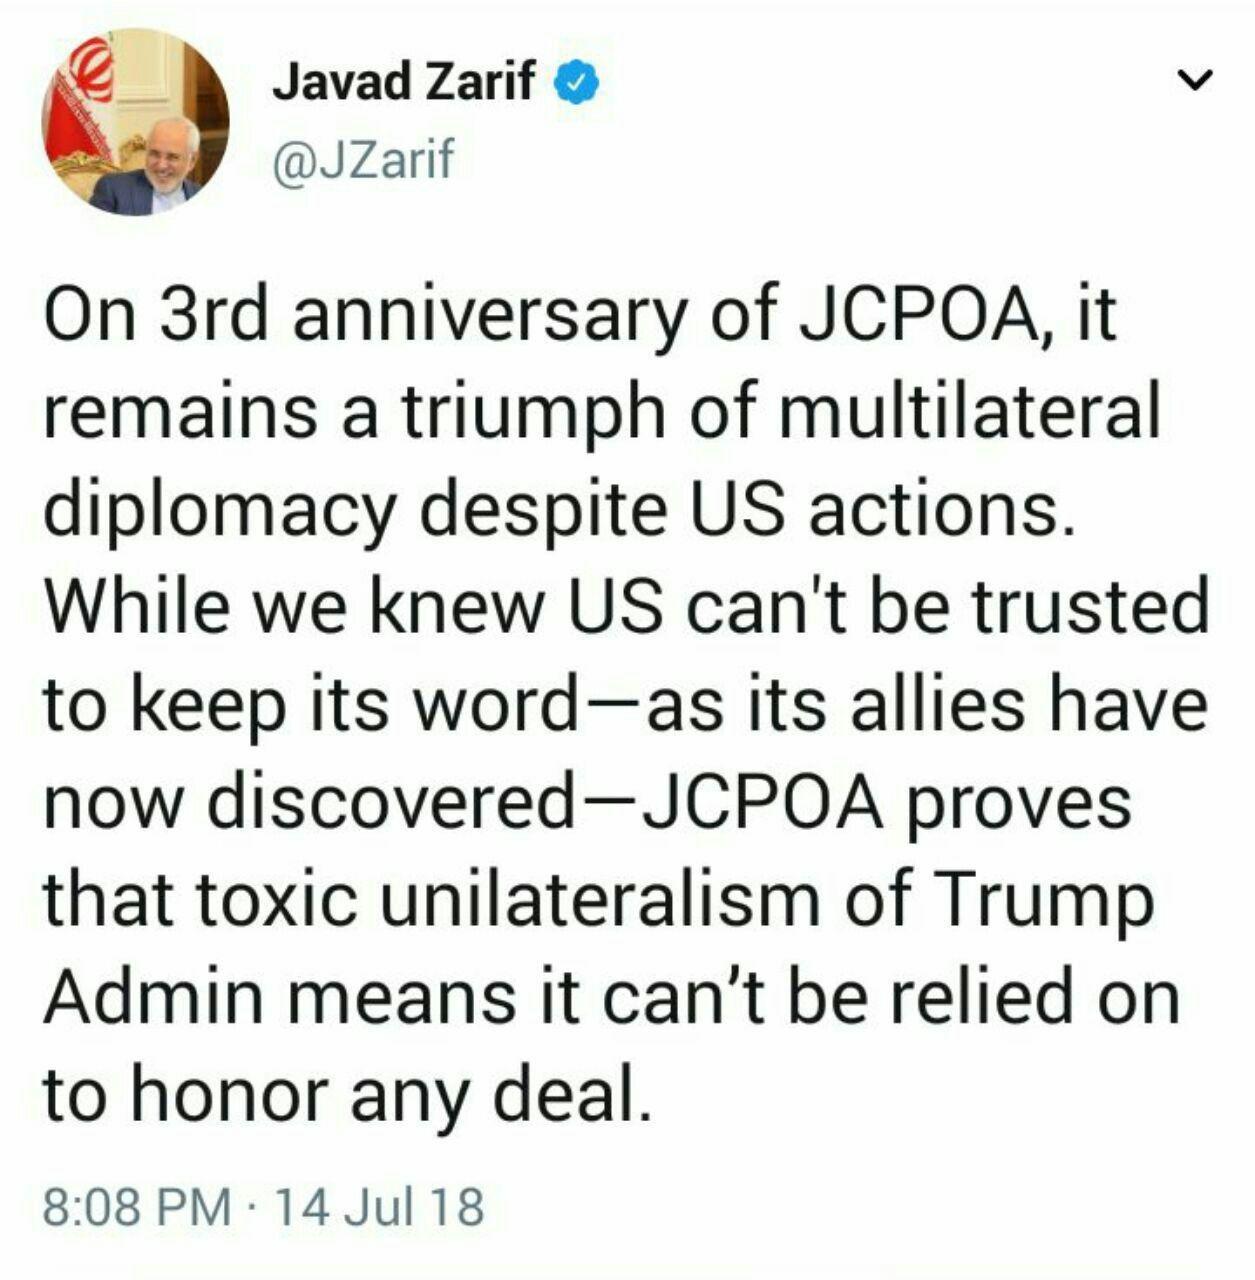 توئیت ظریف برای سومین سالگرد برجام